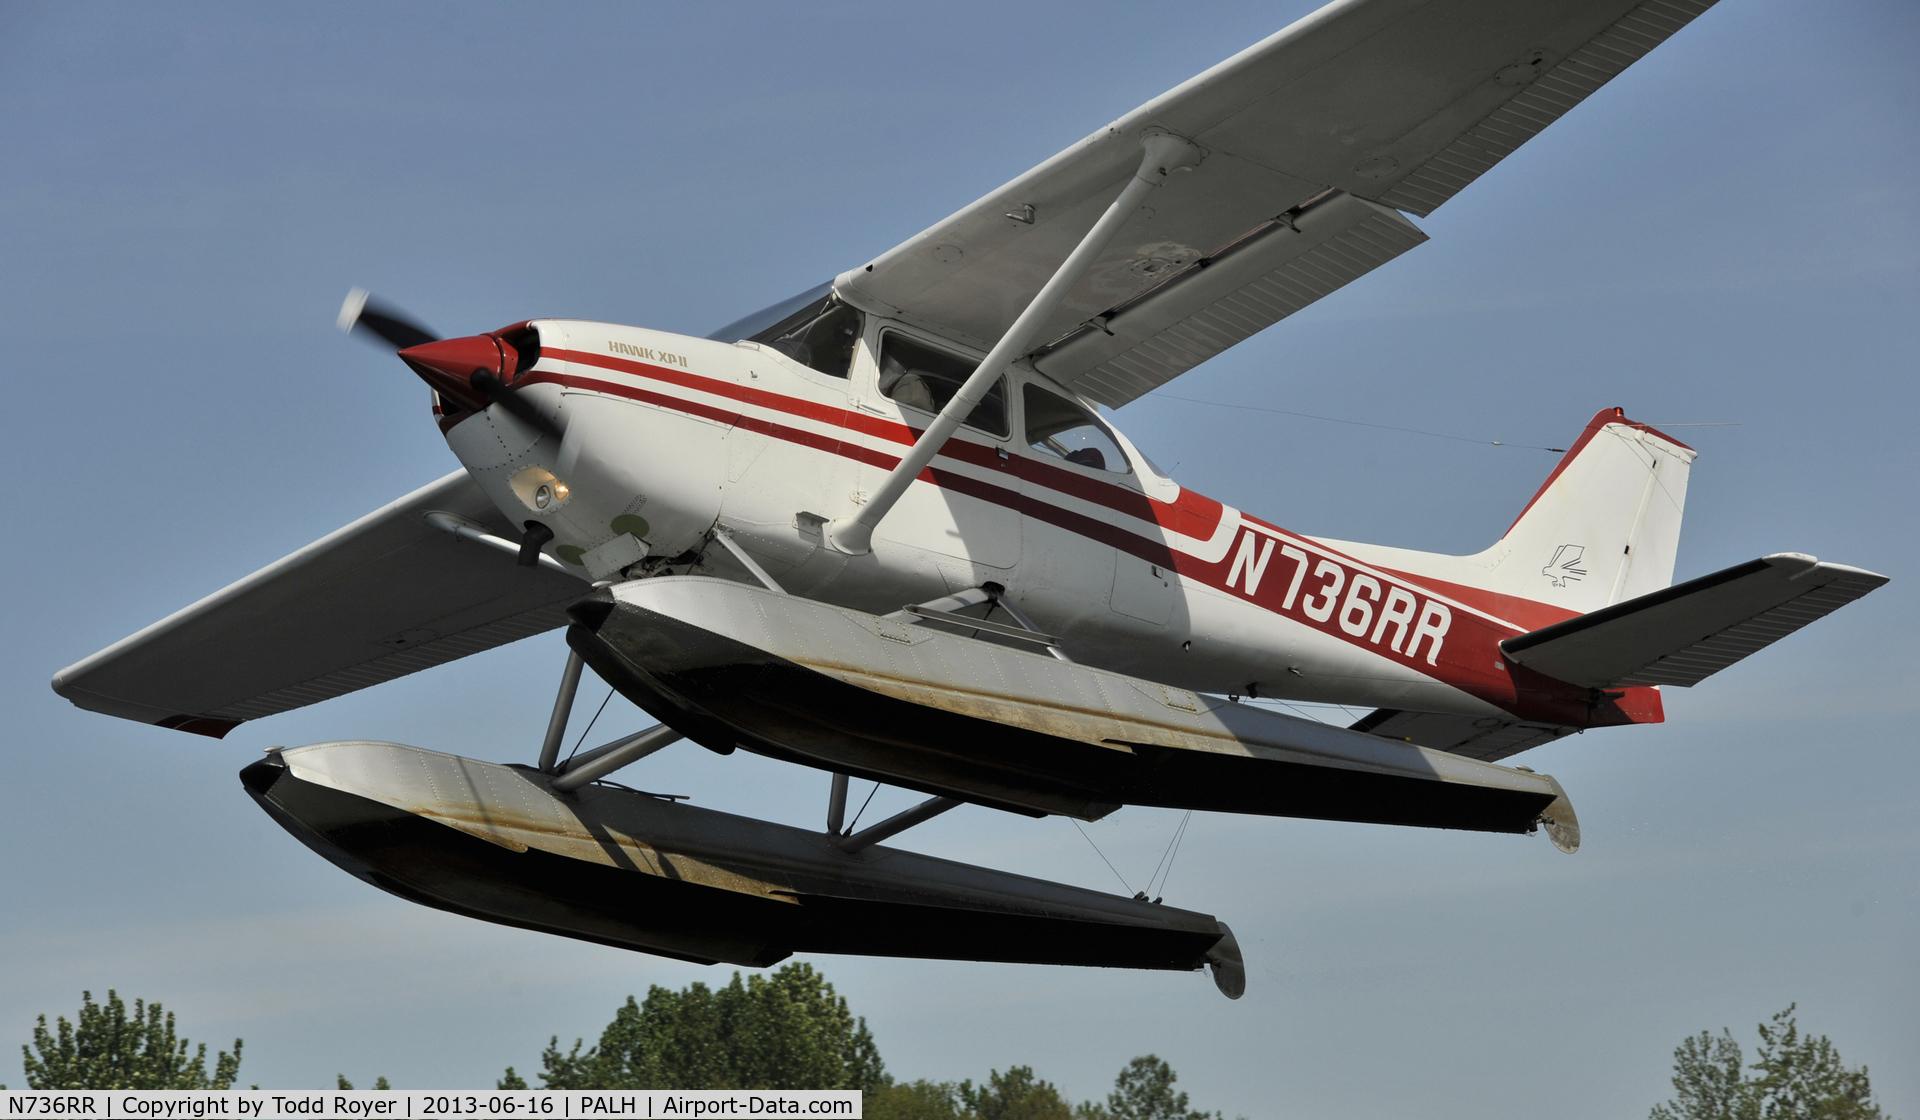 N736RR, 1977 Cessna R172K Hawk XP C/N R1722733, Departing Lake Hood